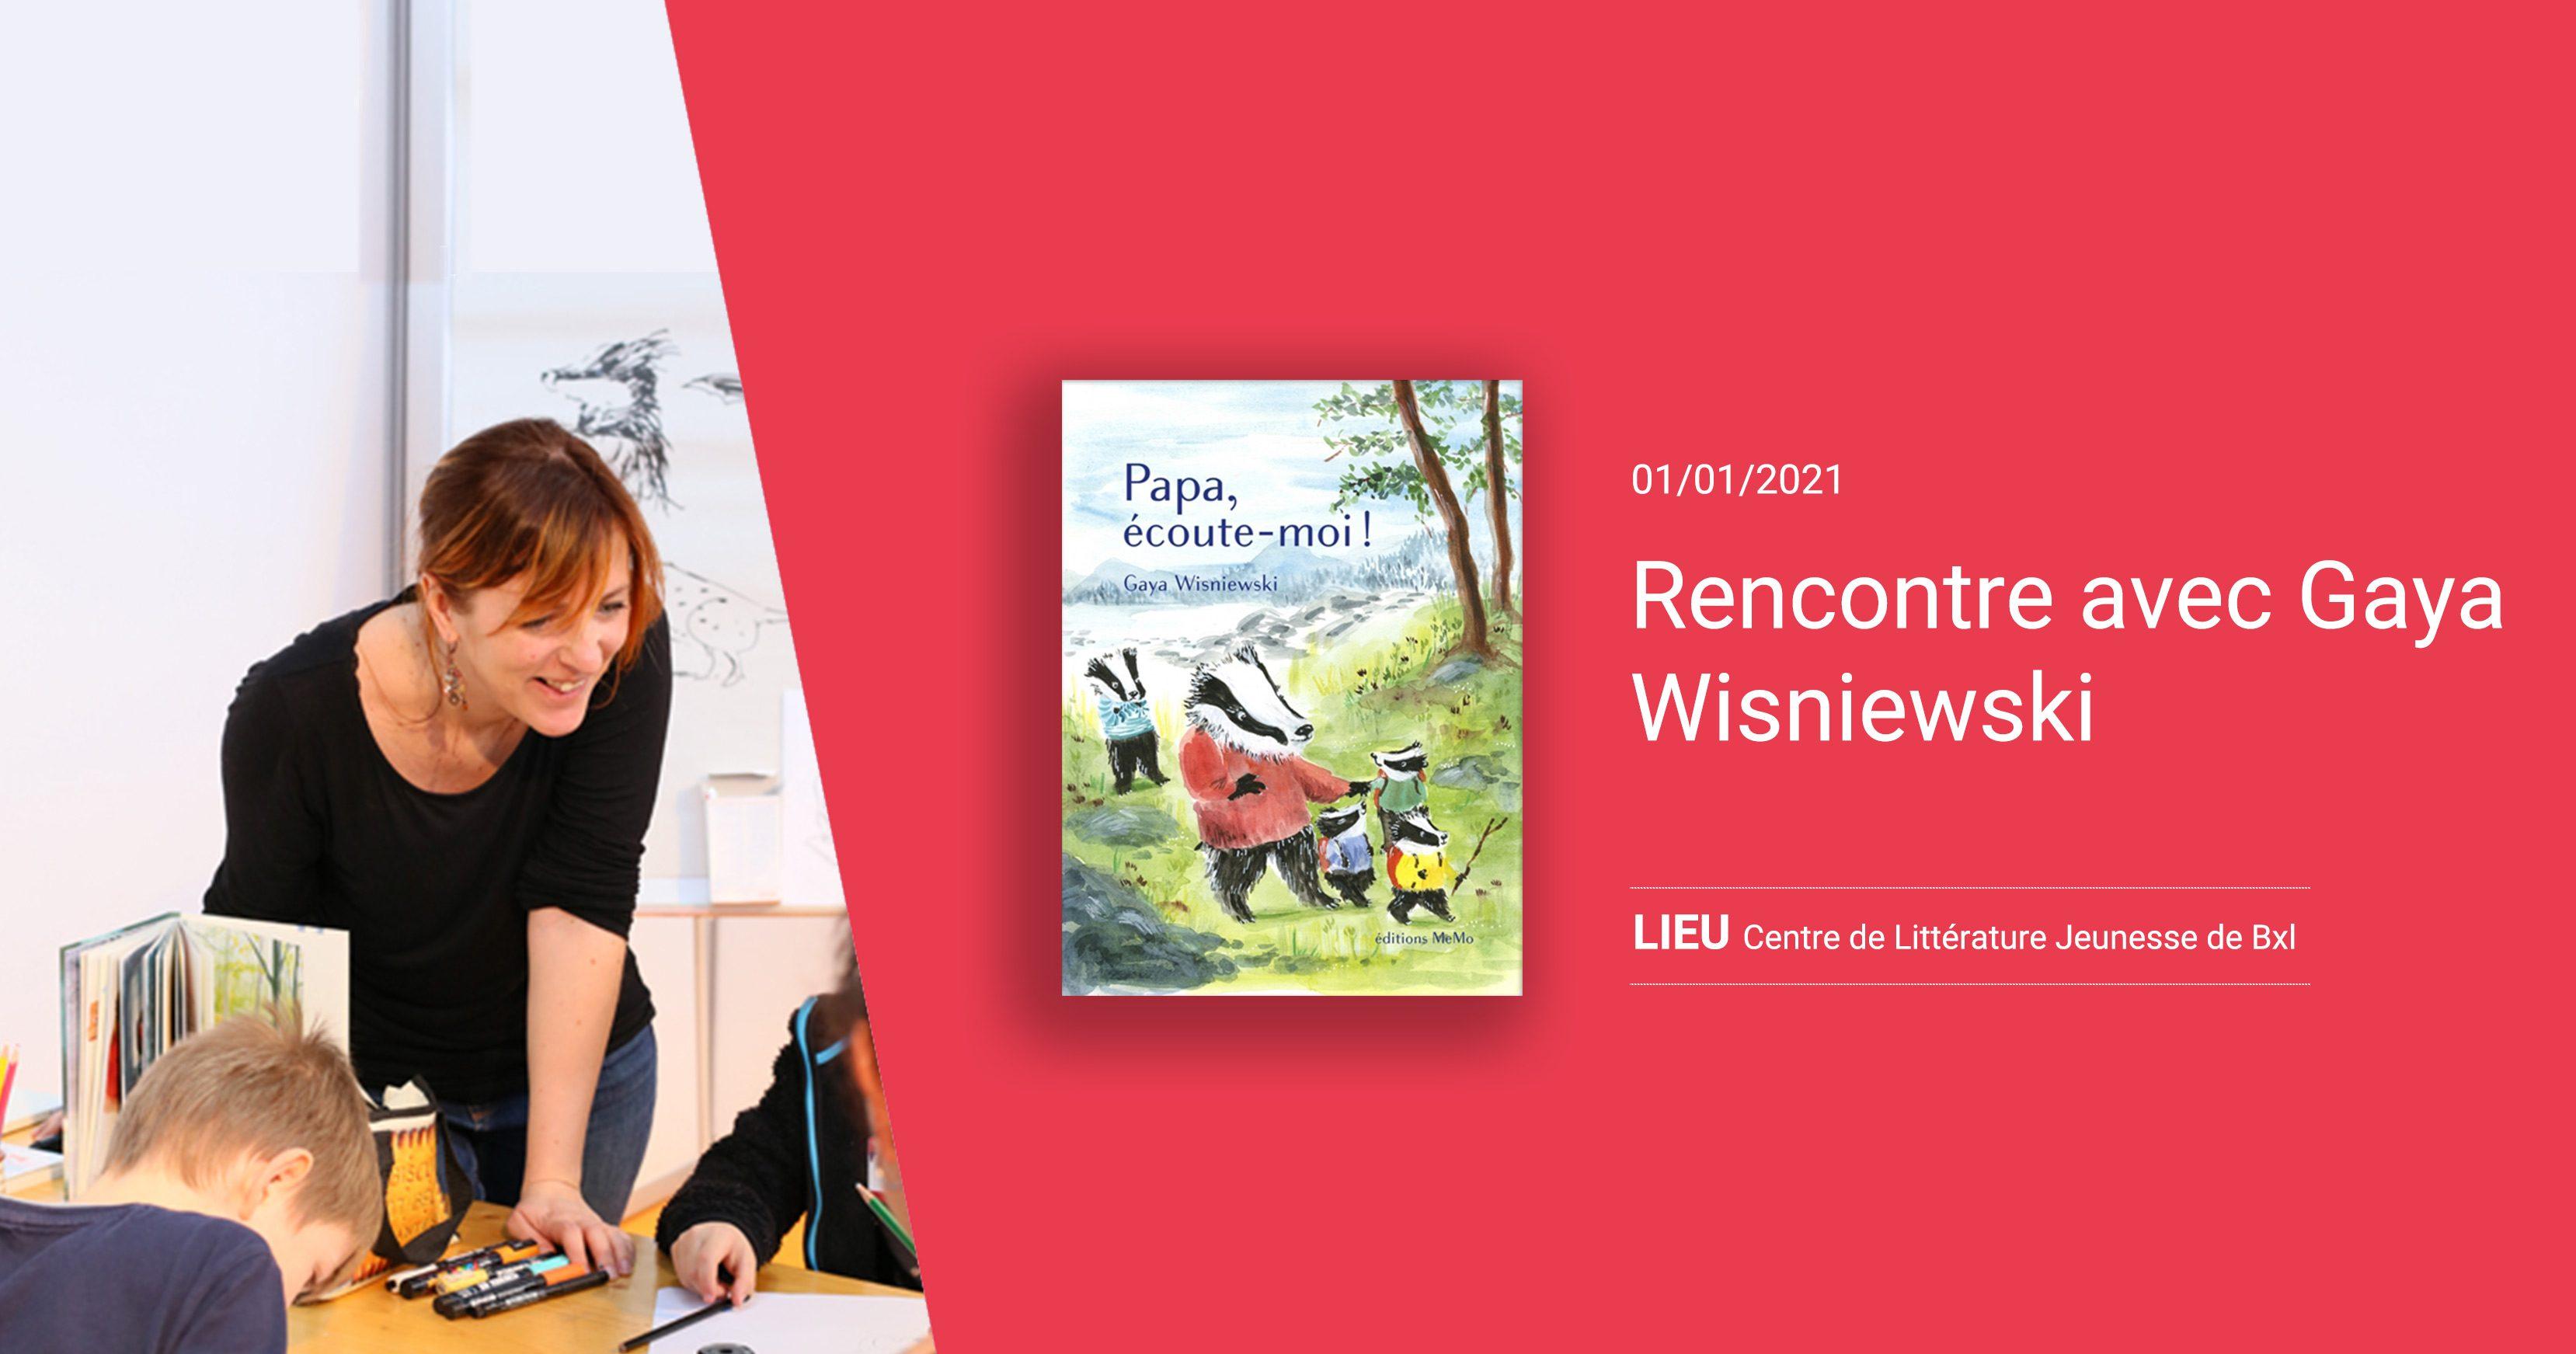 Rencontre avec l'autrice-illustratrice Gaya Wisniewski